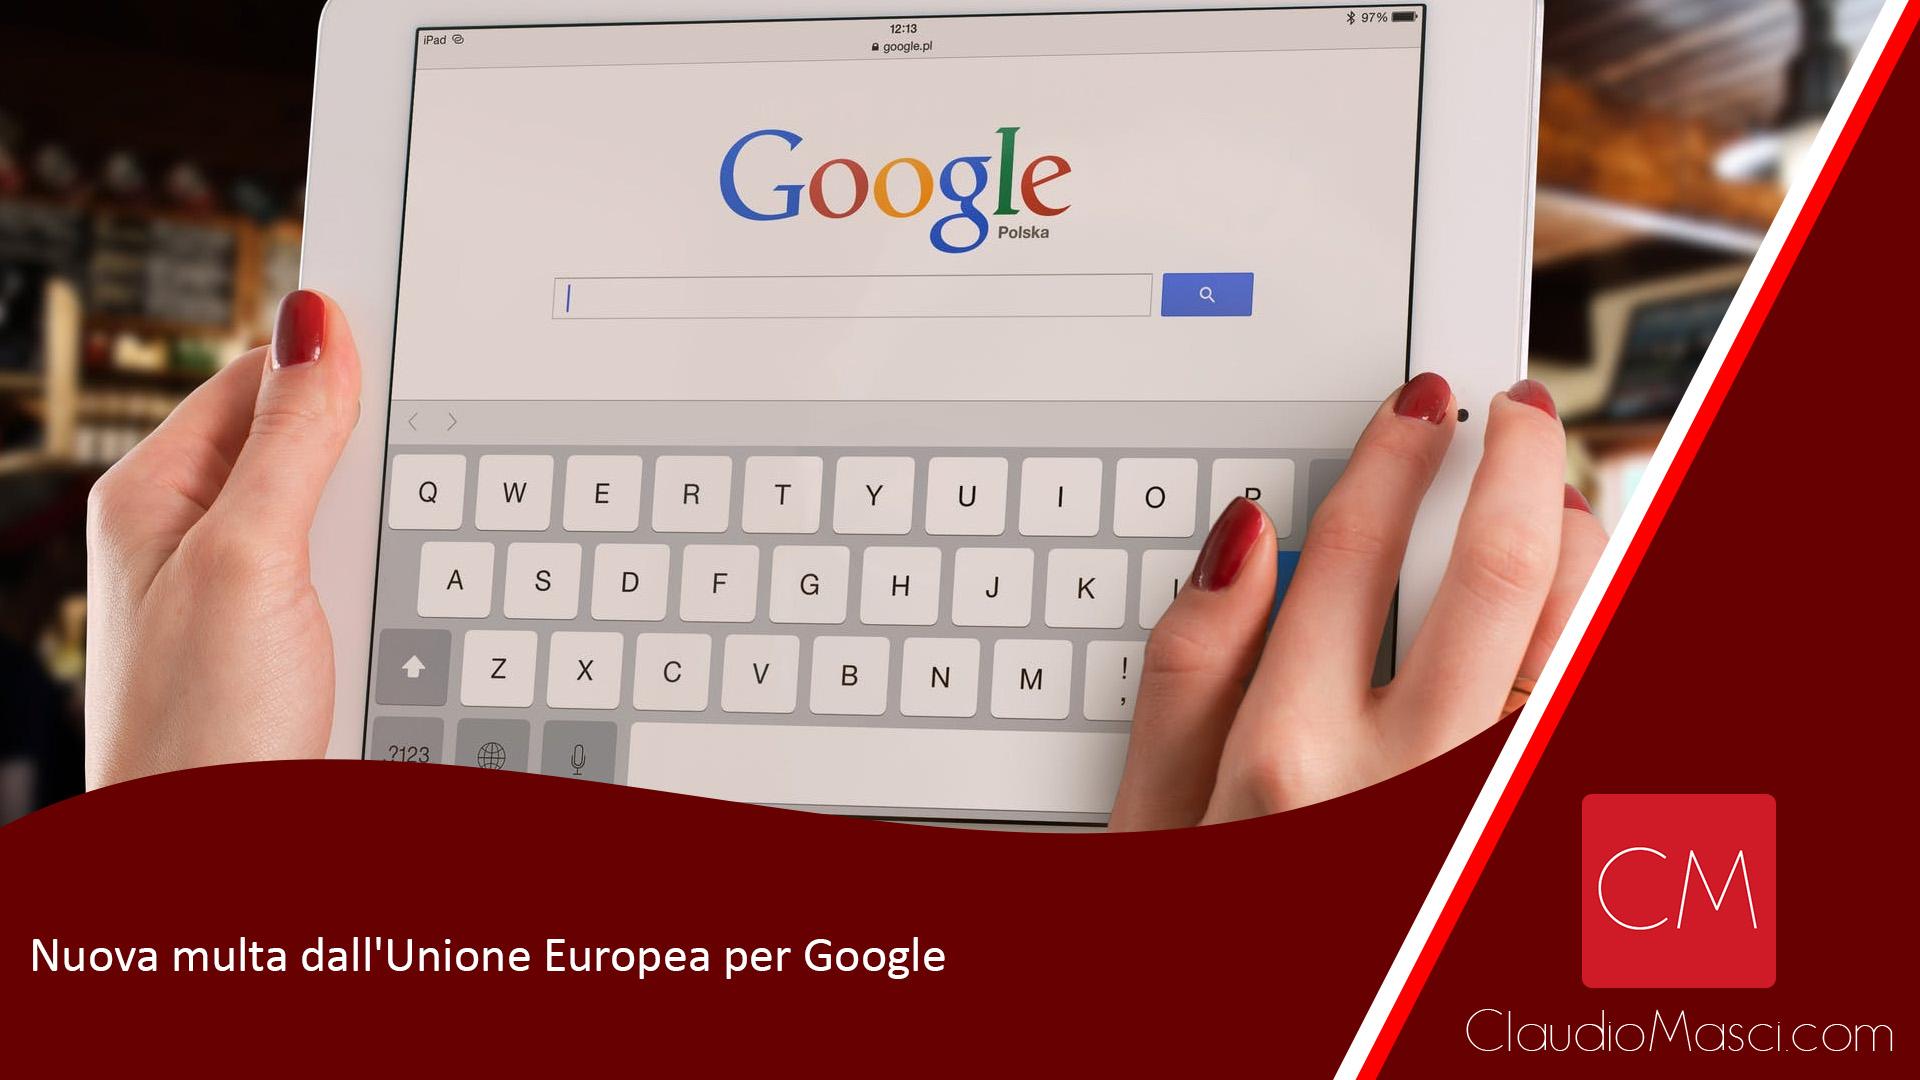 Nuova multa dall'Unione Europea per Google